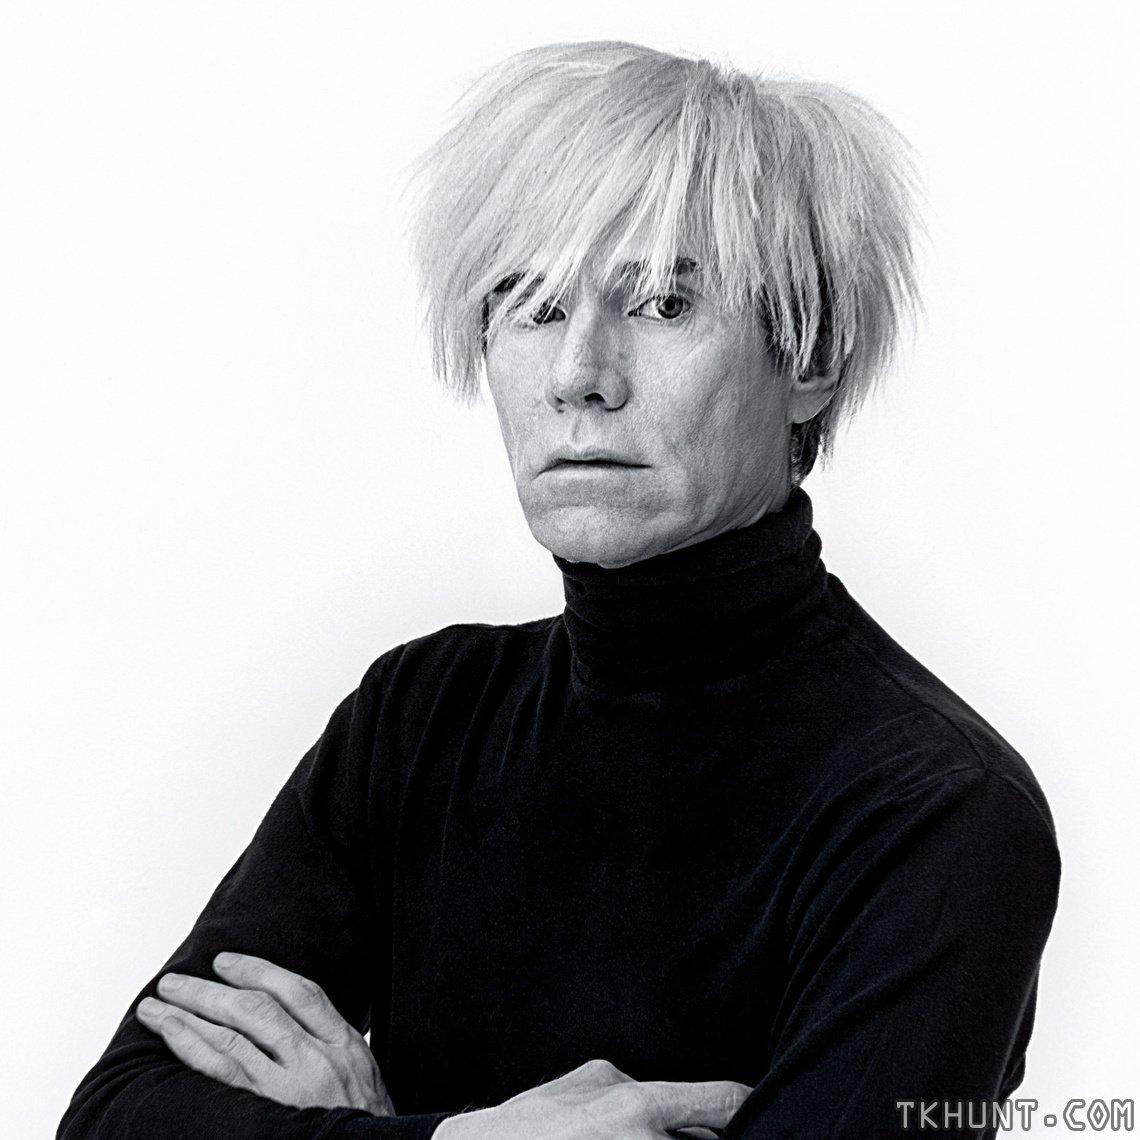 Recorre la nueva exposición de Andy Warhol en el Tate Modern en línea